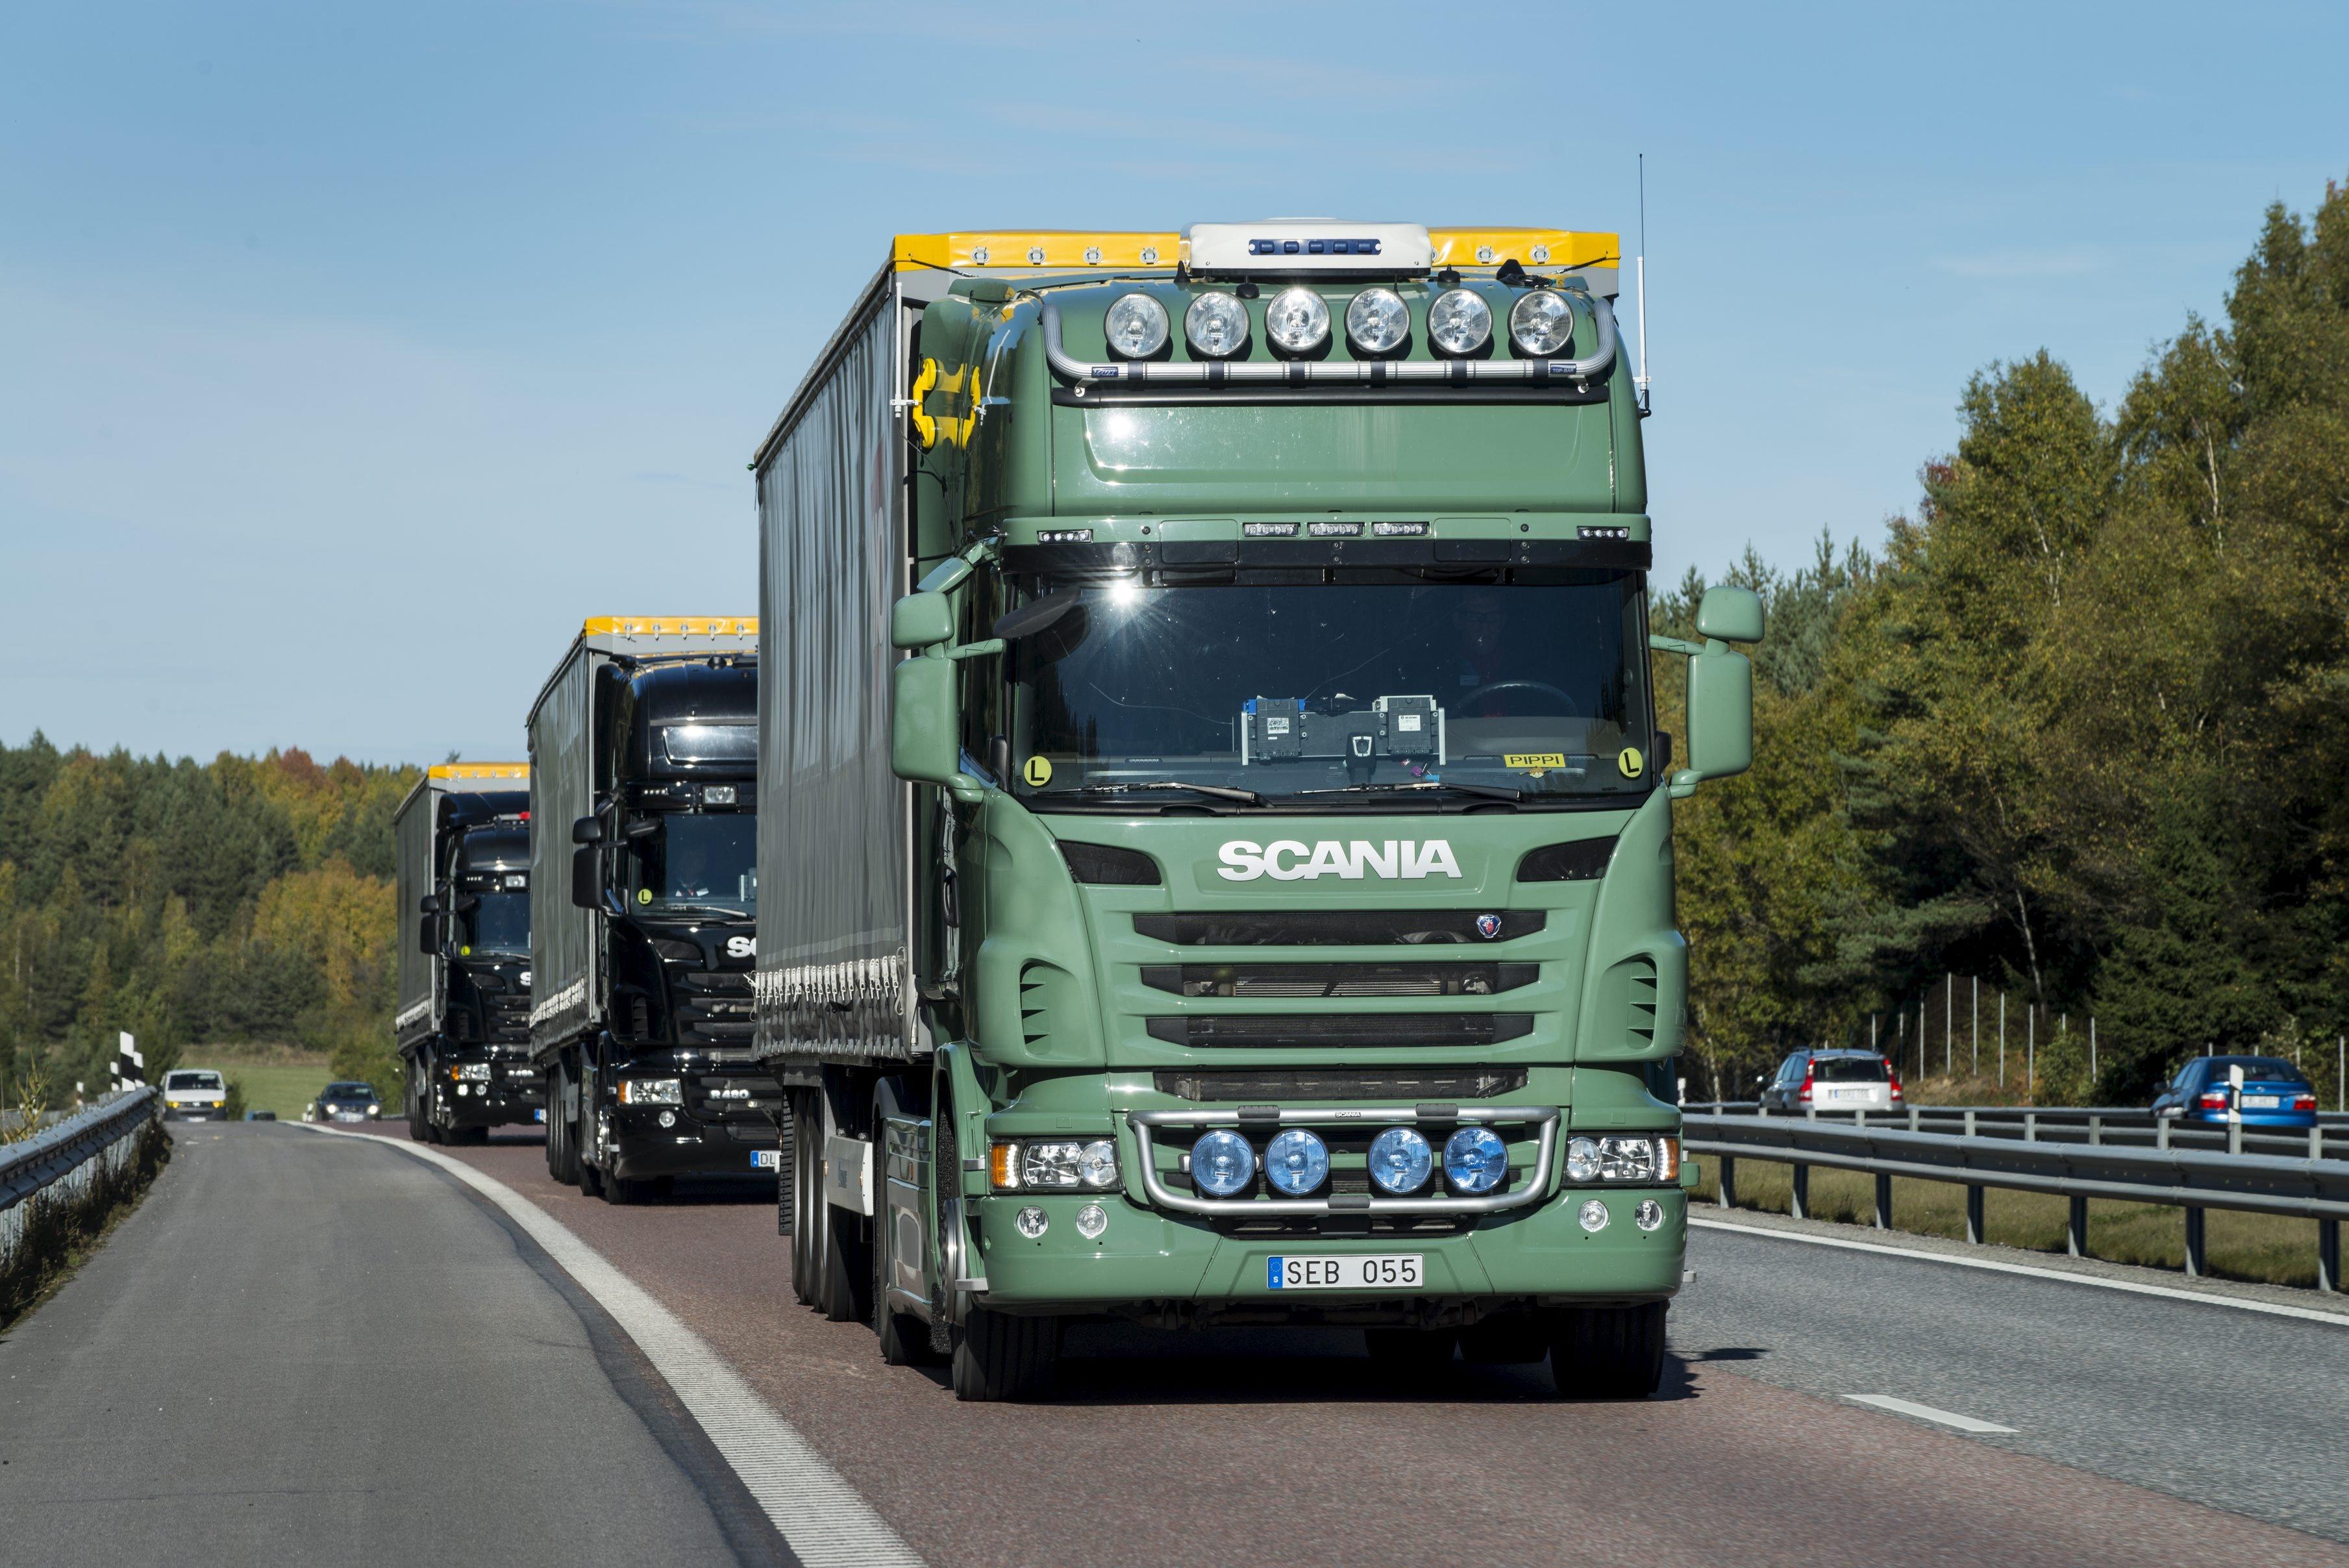 Scania-Trucks im Platooning-Konvoi: Derzeit sind Trucks vonDaimler, MAN, Scania, Volvo, DAF und Iveco in Konvois unterwegs nach Rotterdam, um das Platooning im normalen Verkehr zu testen.